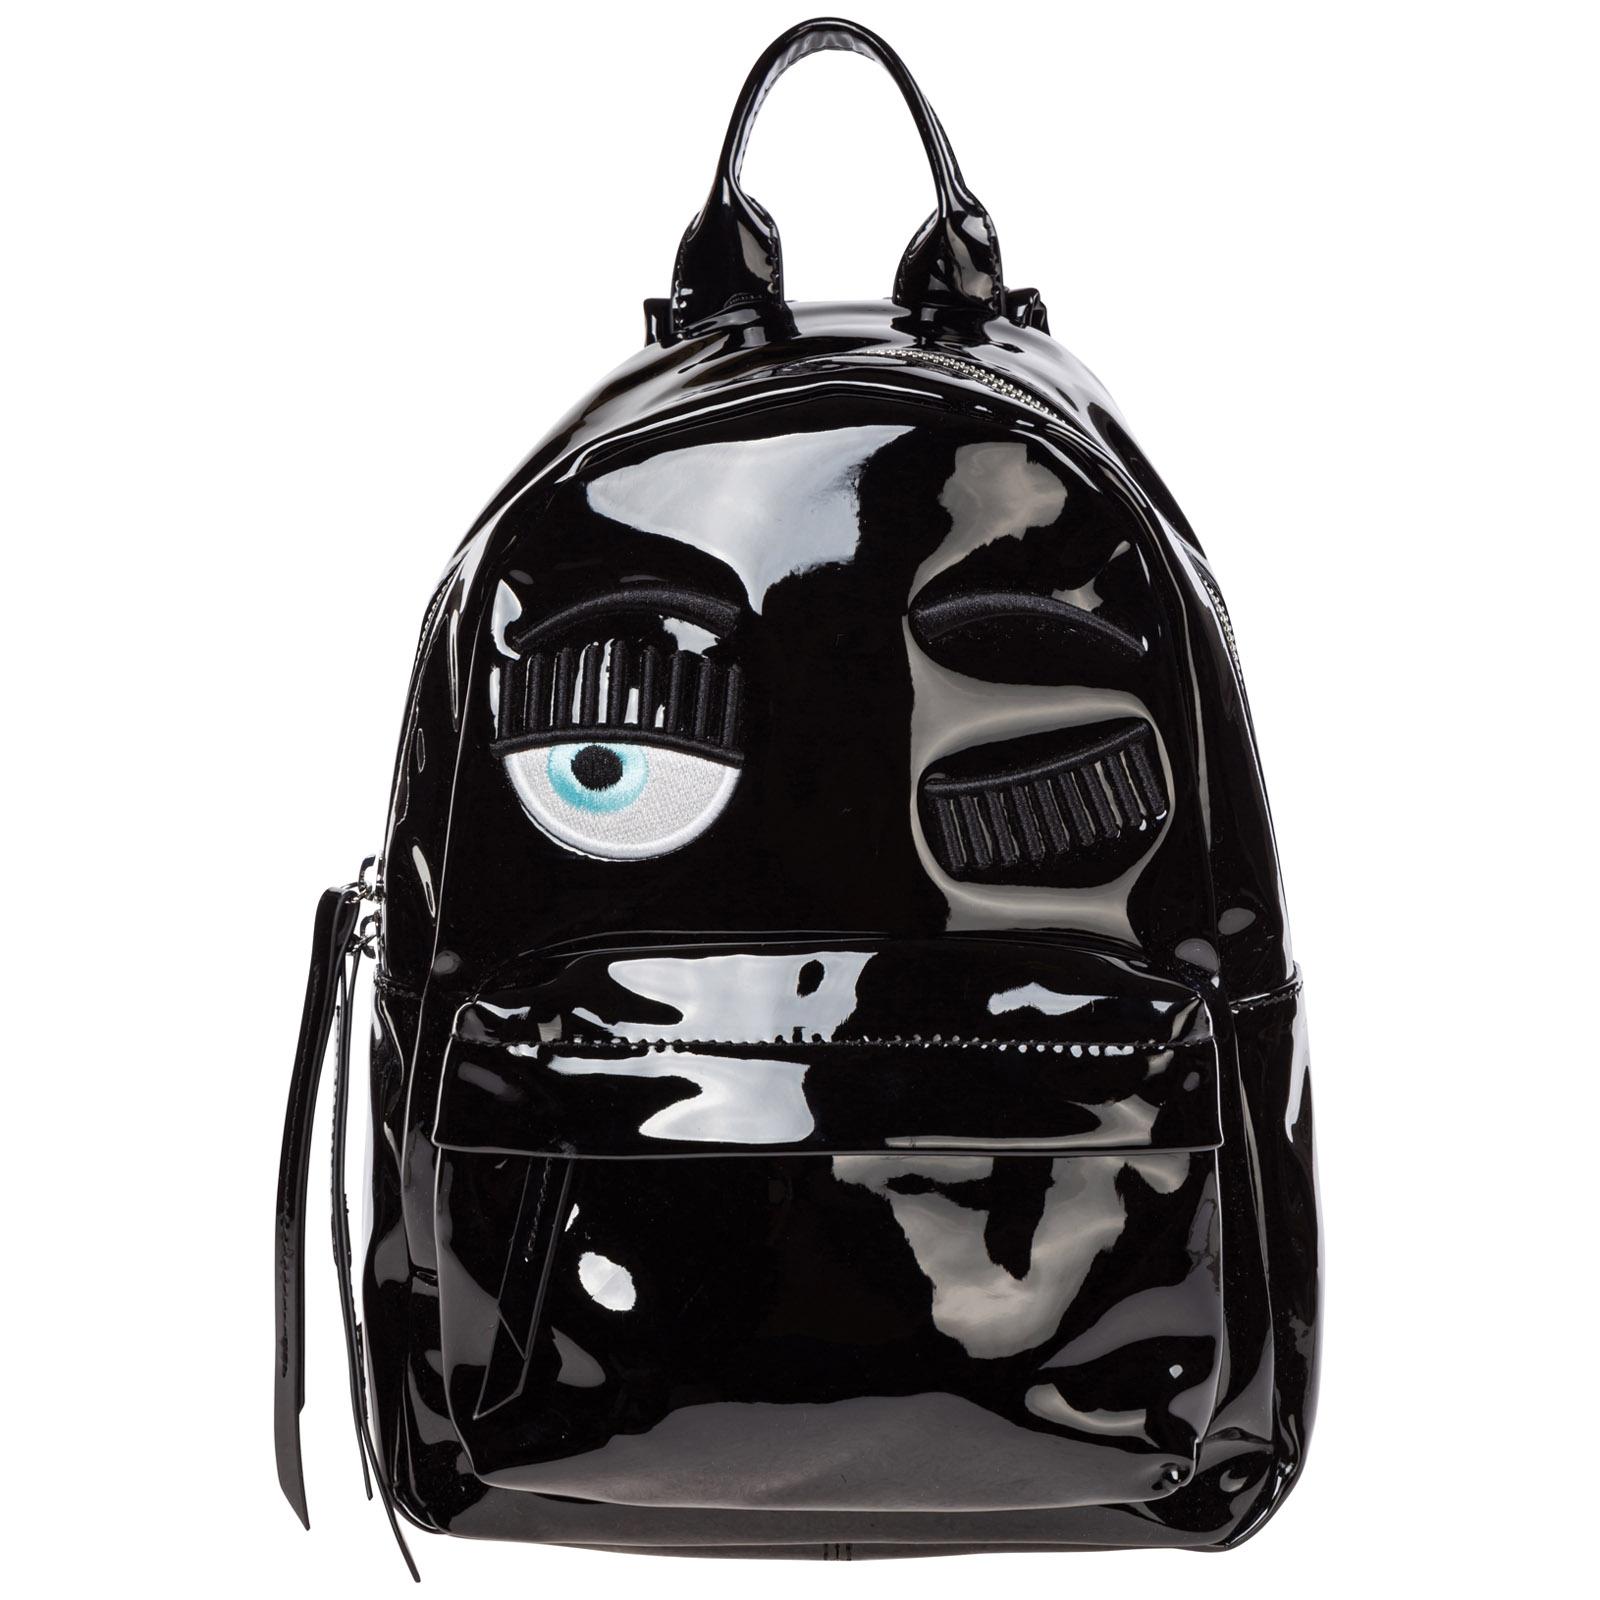 Chiara Ferragni Backpacks WOMEN'S RUCKSACK BACKPACK TRAVEL  FLIRTING